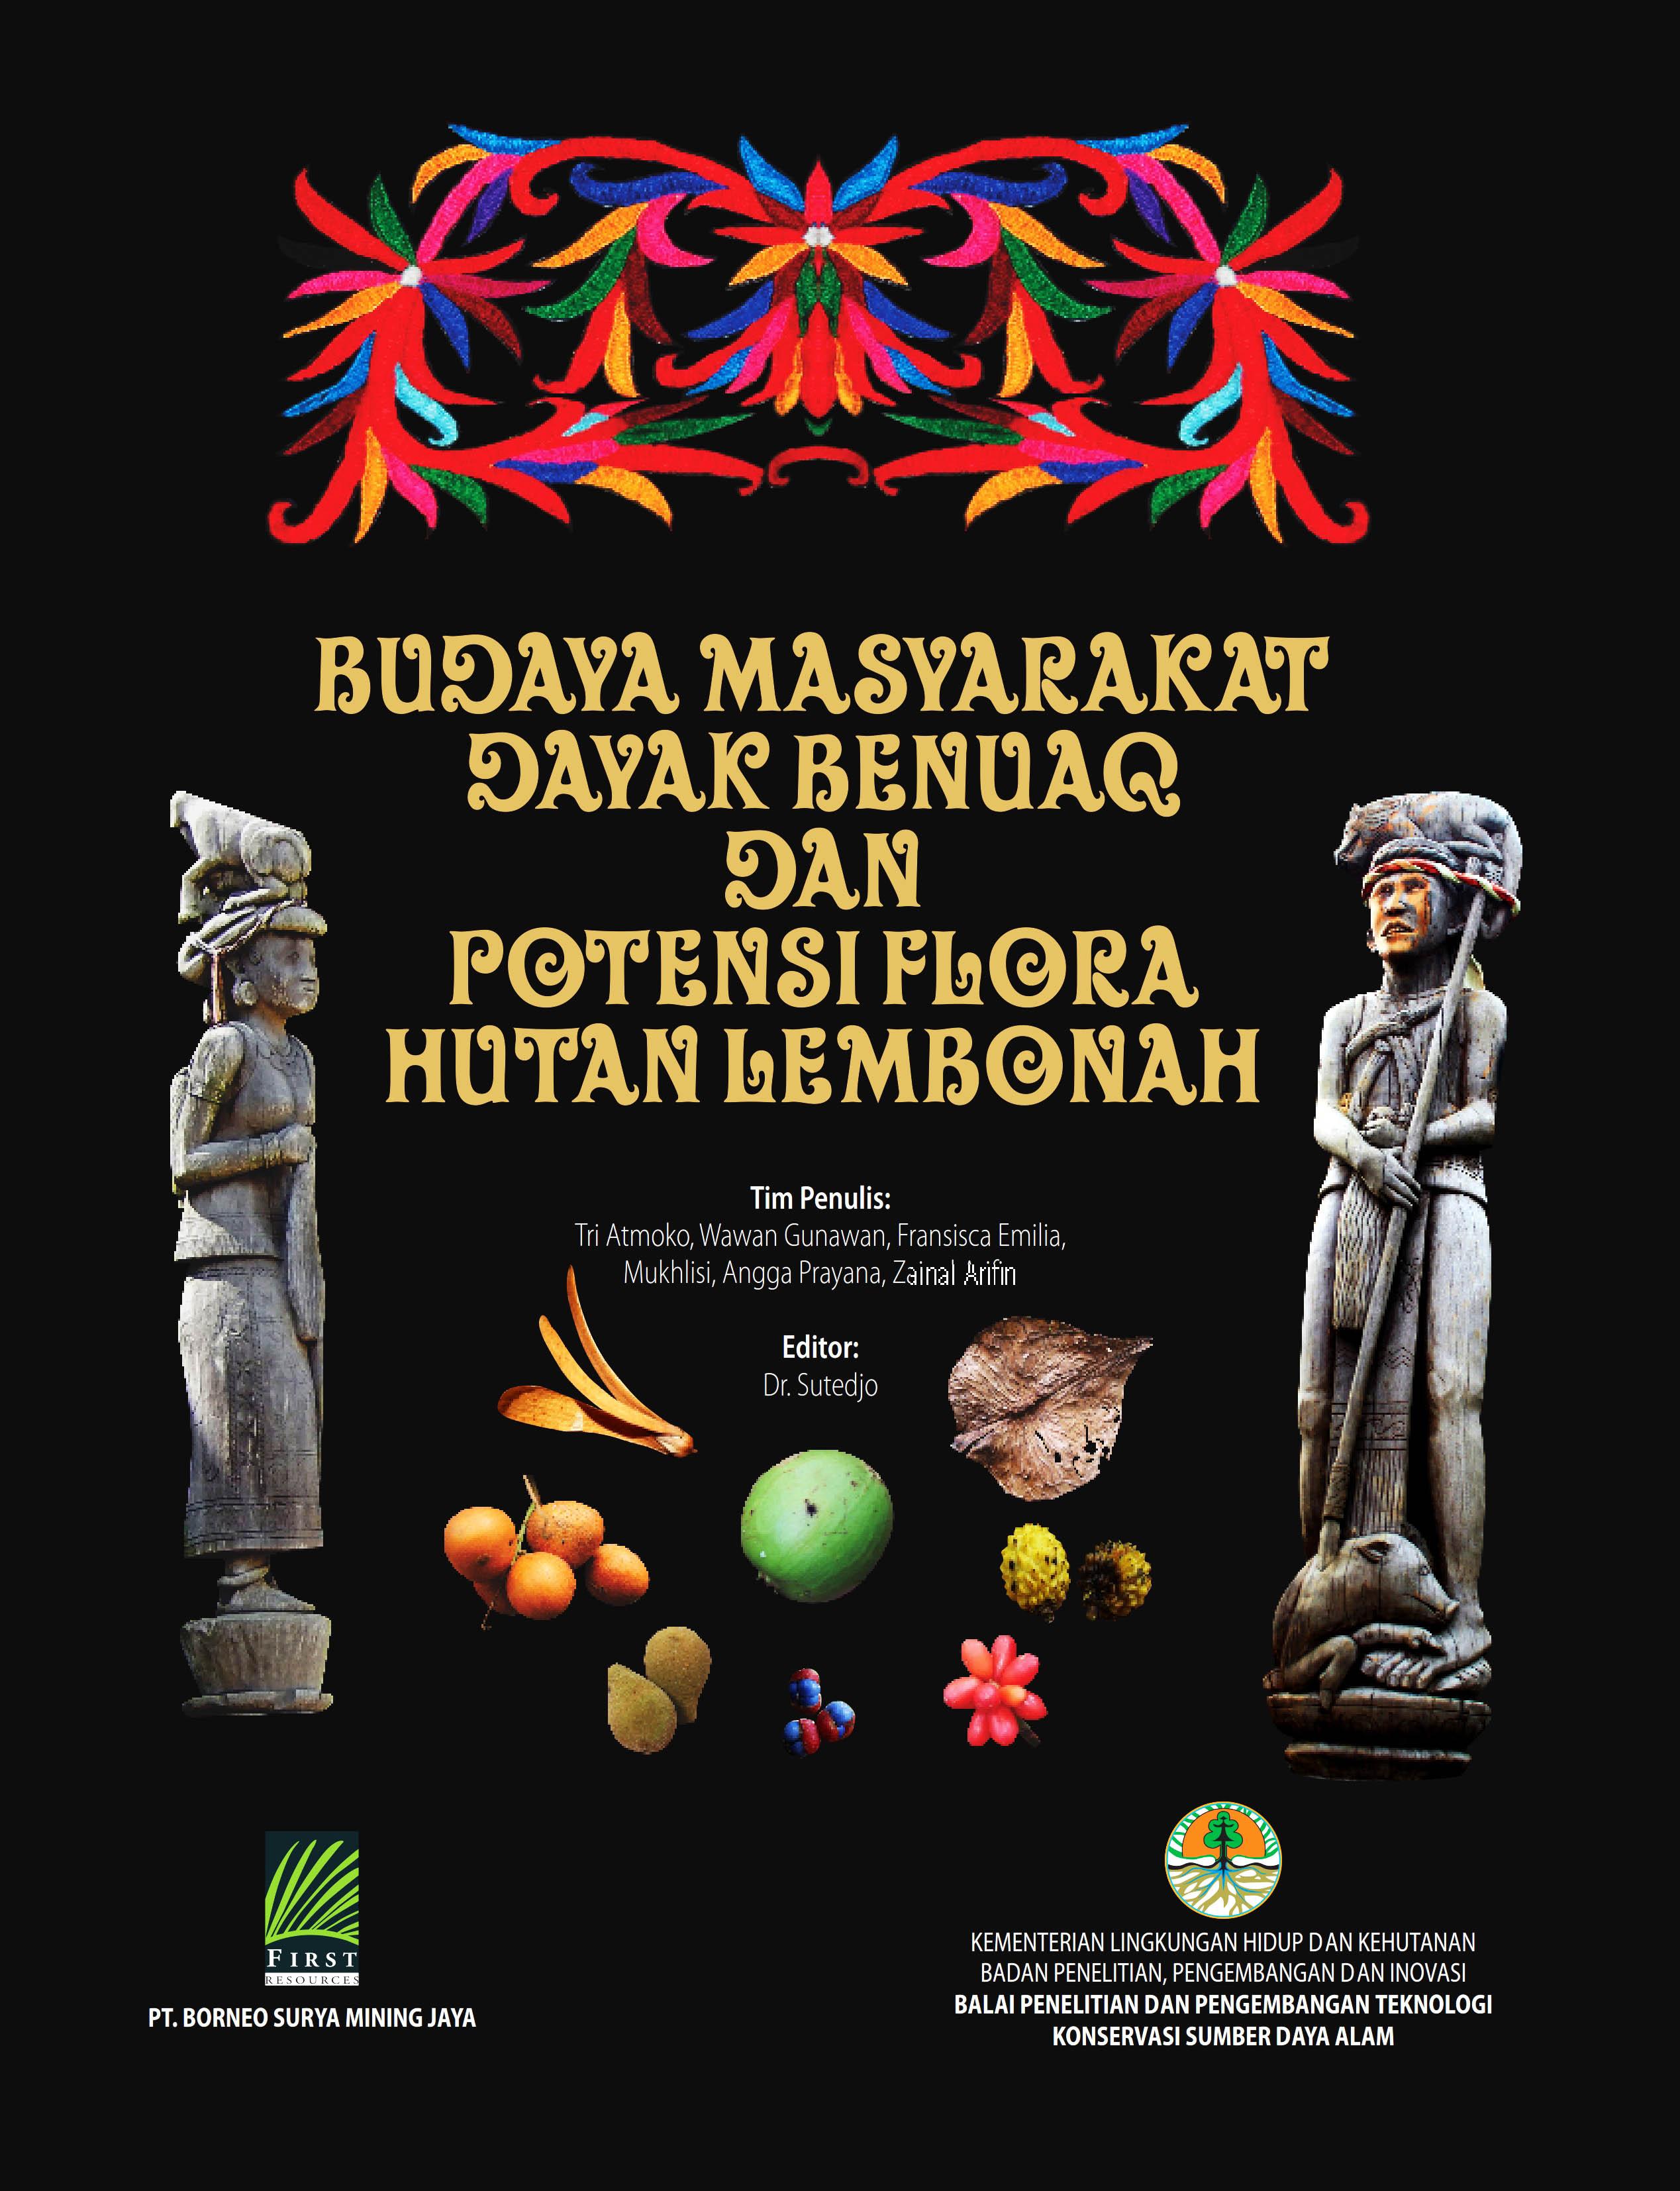 Mengenal Budaya Masyarakat Dayak Benuaq dan Potensi Flora Hutan Lembonah